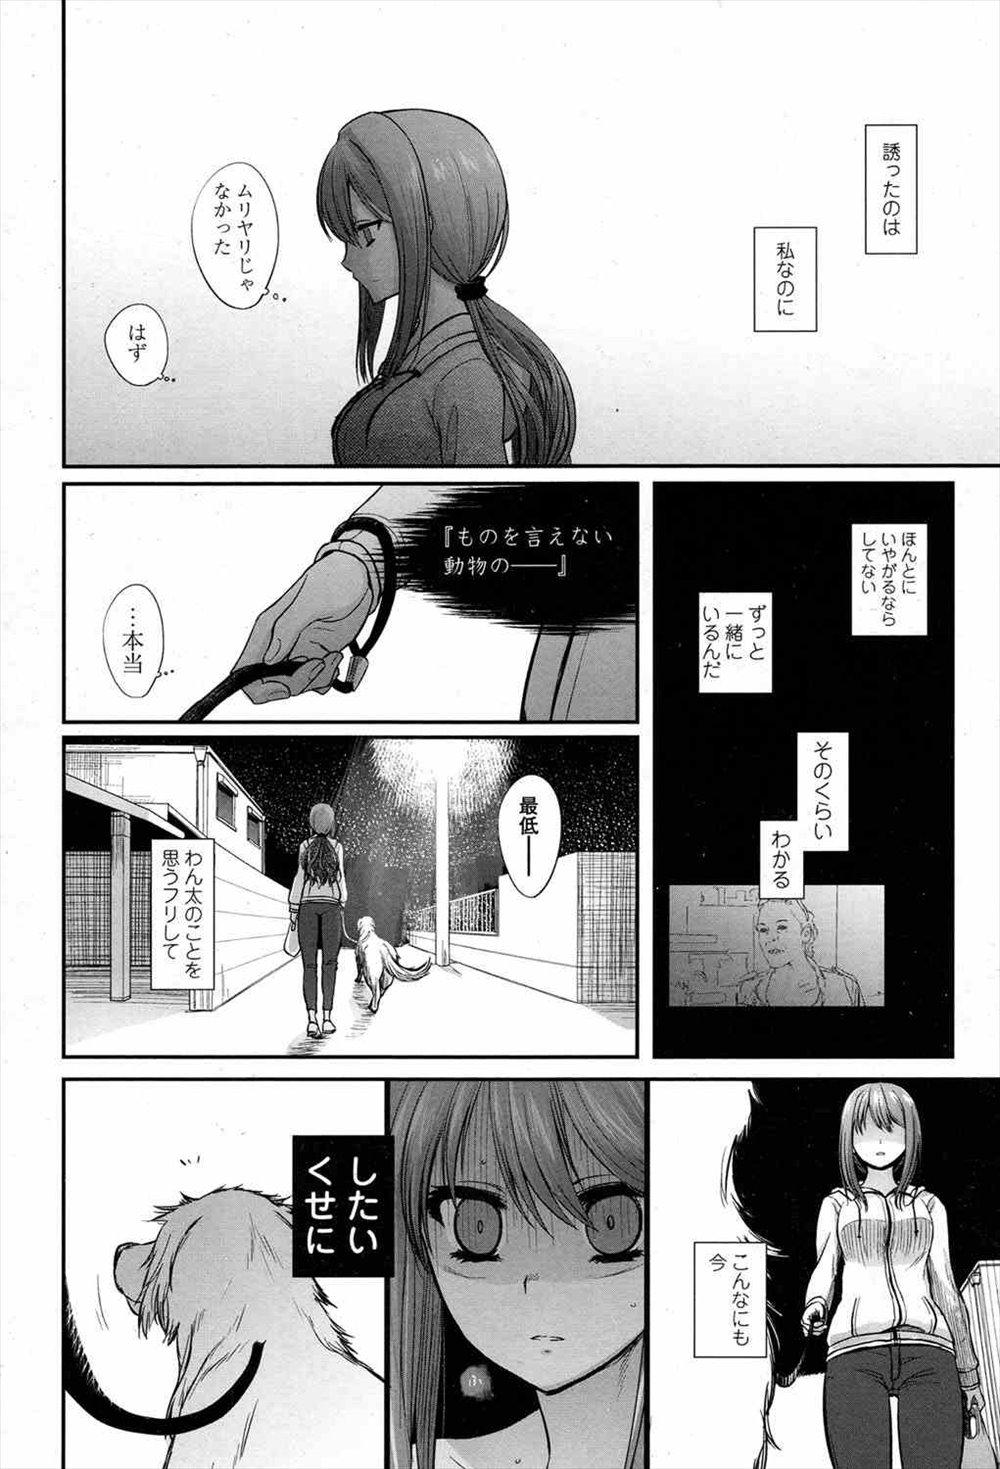 【エロ漫画】(2/2話)愛犬のクンニに病みつきになったJK…ついに犬チンポに獣姦されてしまうwww【カタヤマユウジン:つがいあそび 】